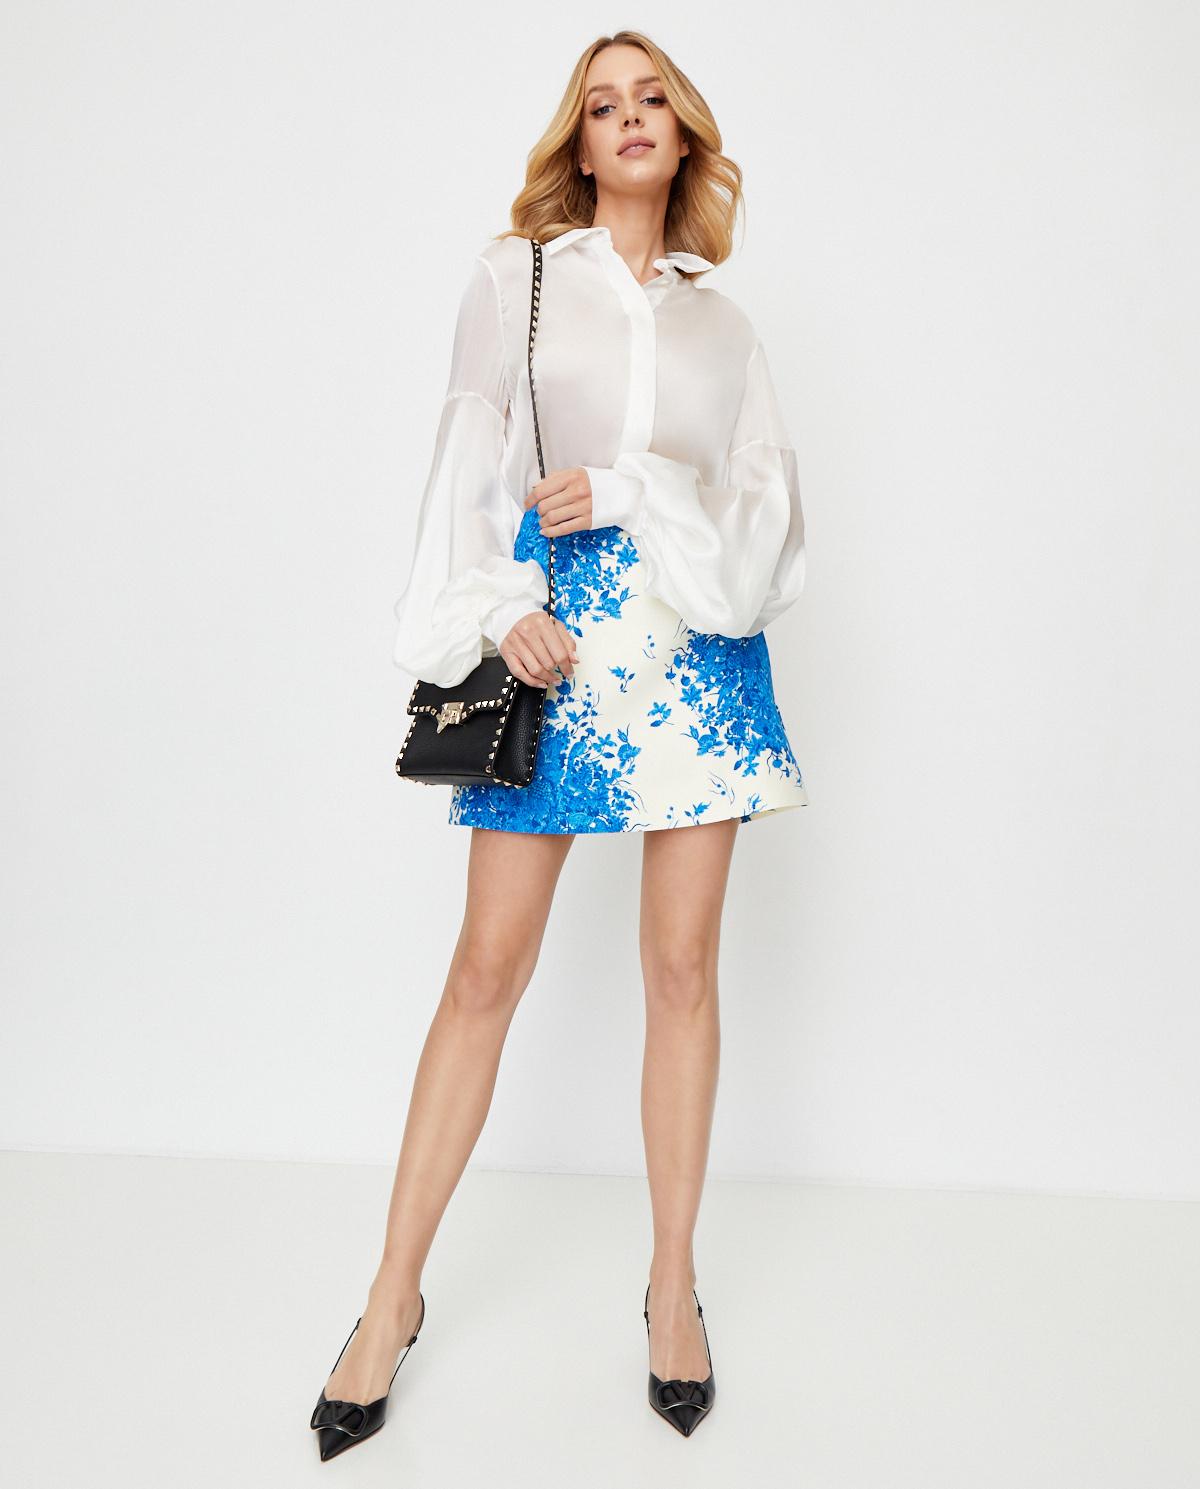 Damska biała spódnica w kwiaty Valentino UB3RA6M55LT AB8